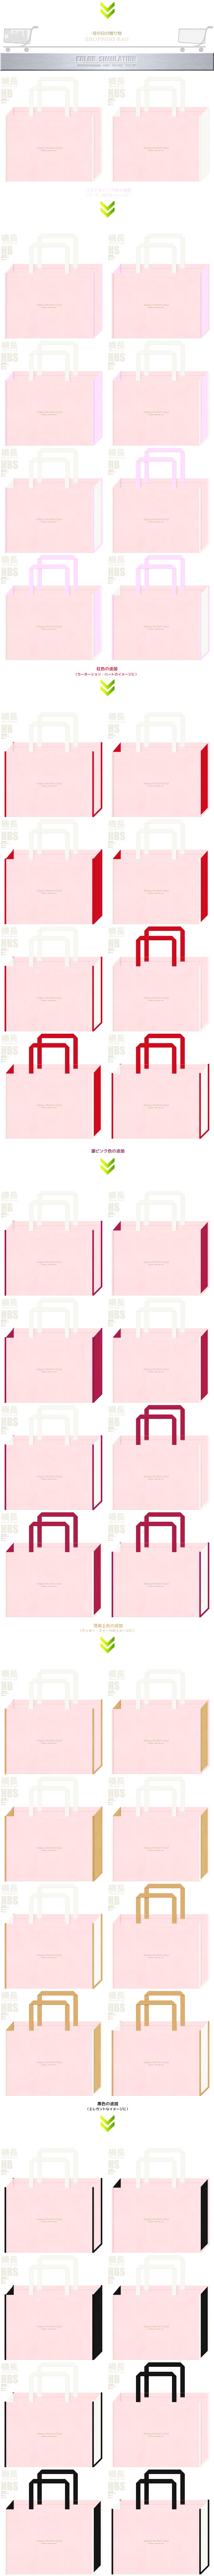 桜色とオフホワイト色をメインに使用した不織布バッグのカラーシミュレーション:母の日ギフトのショッピングバッグ